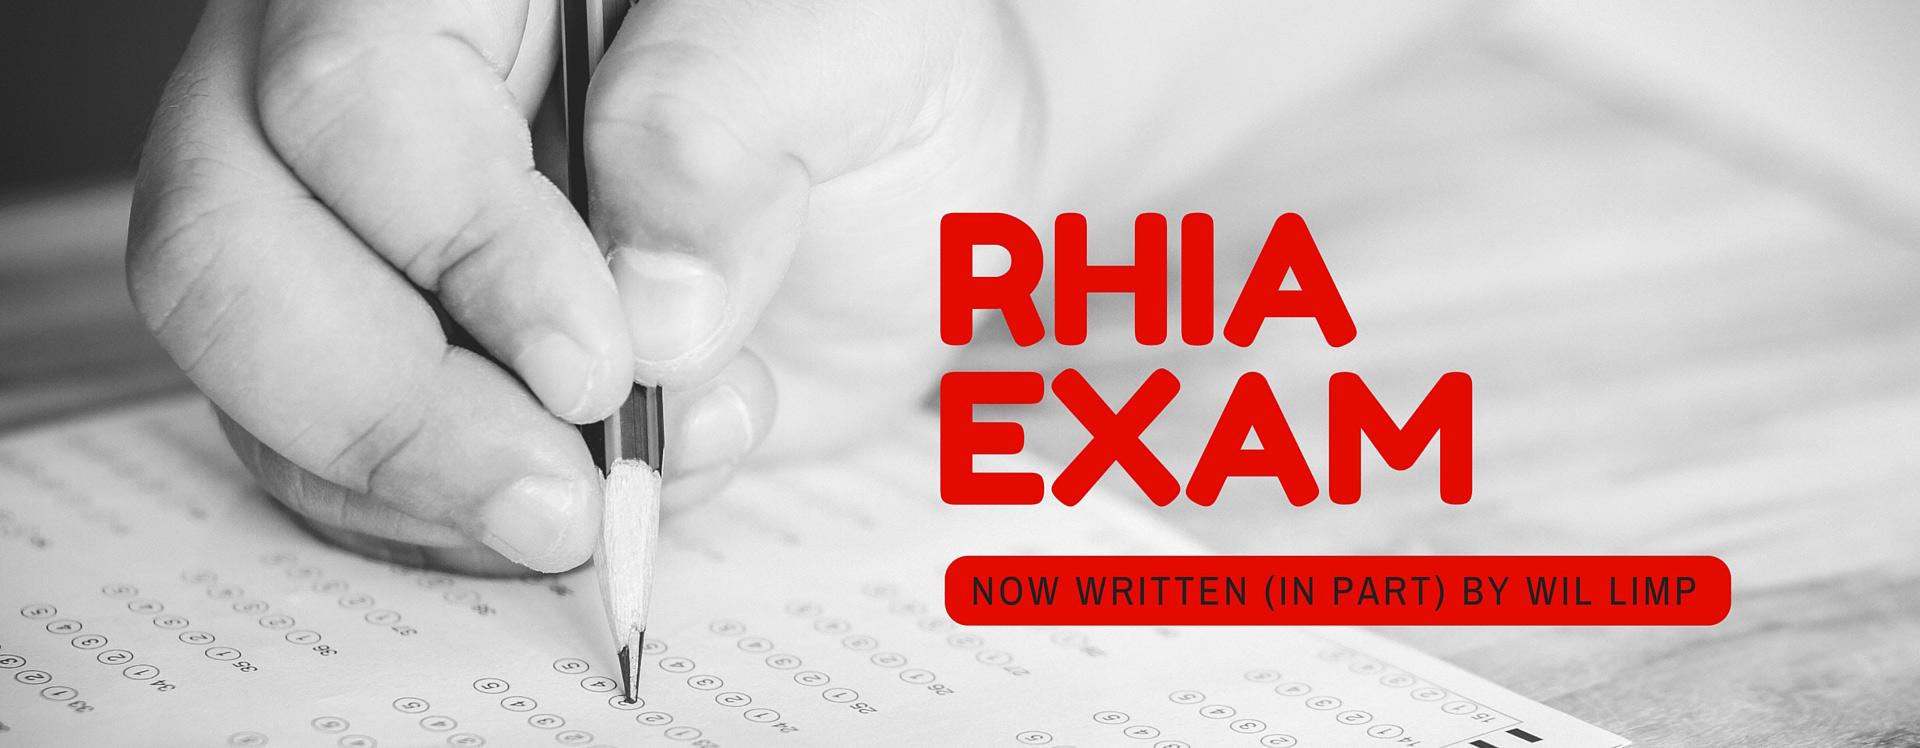 RHIA Exam